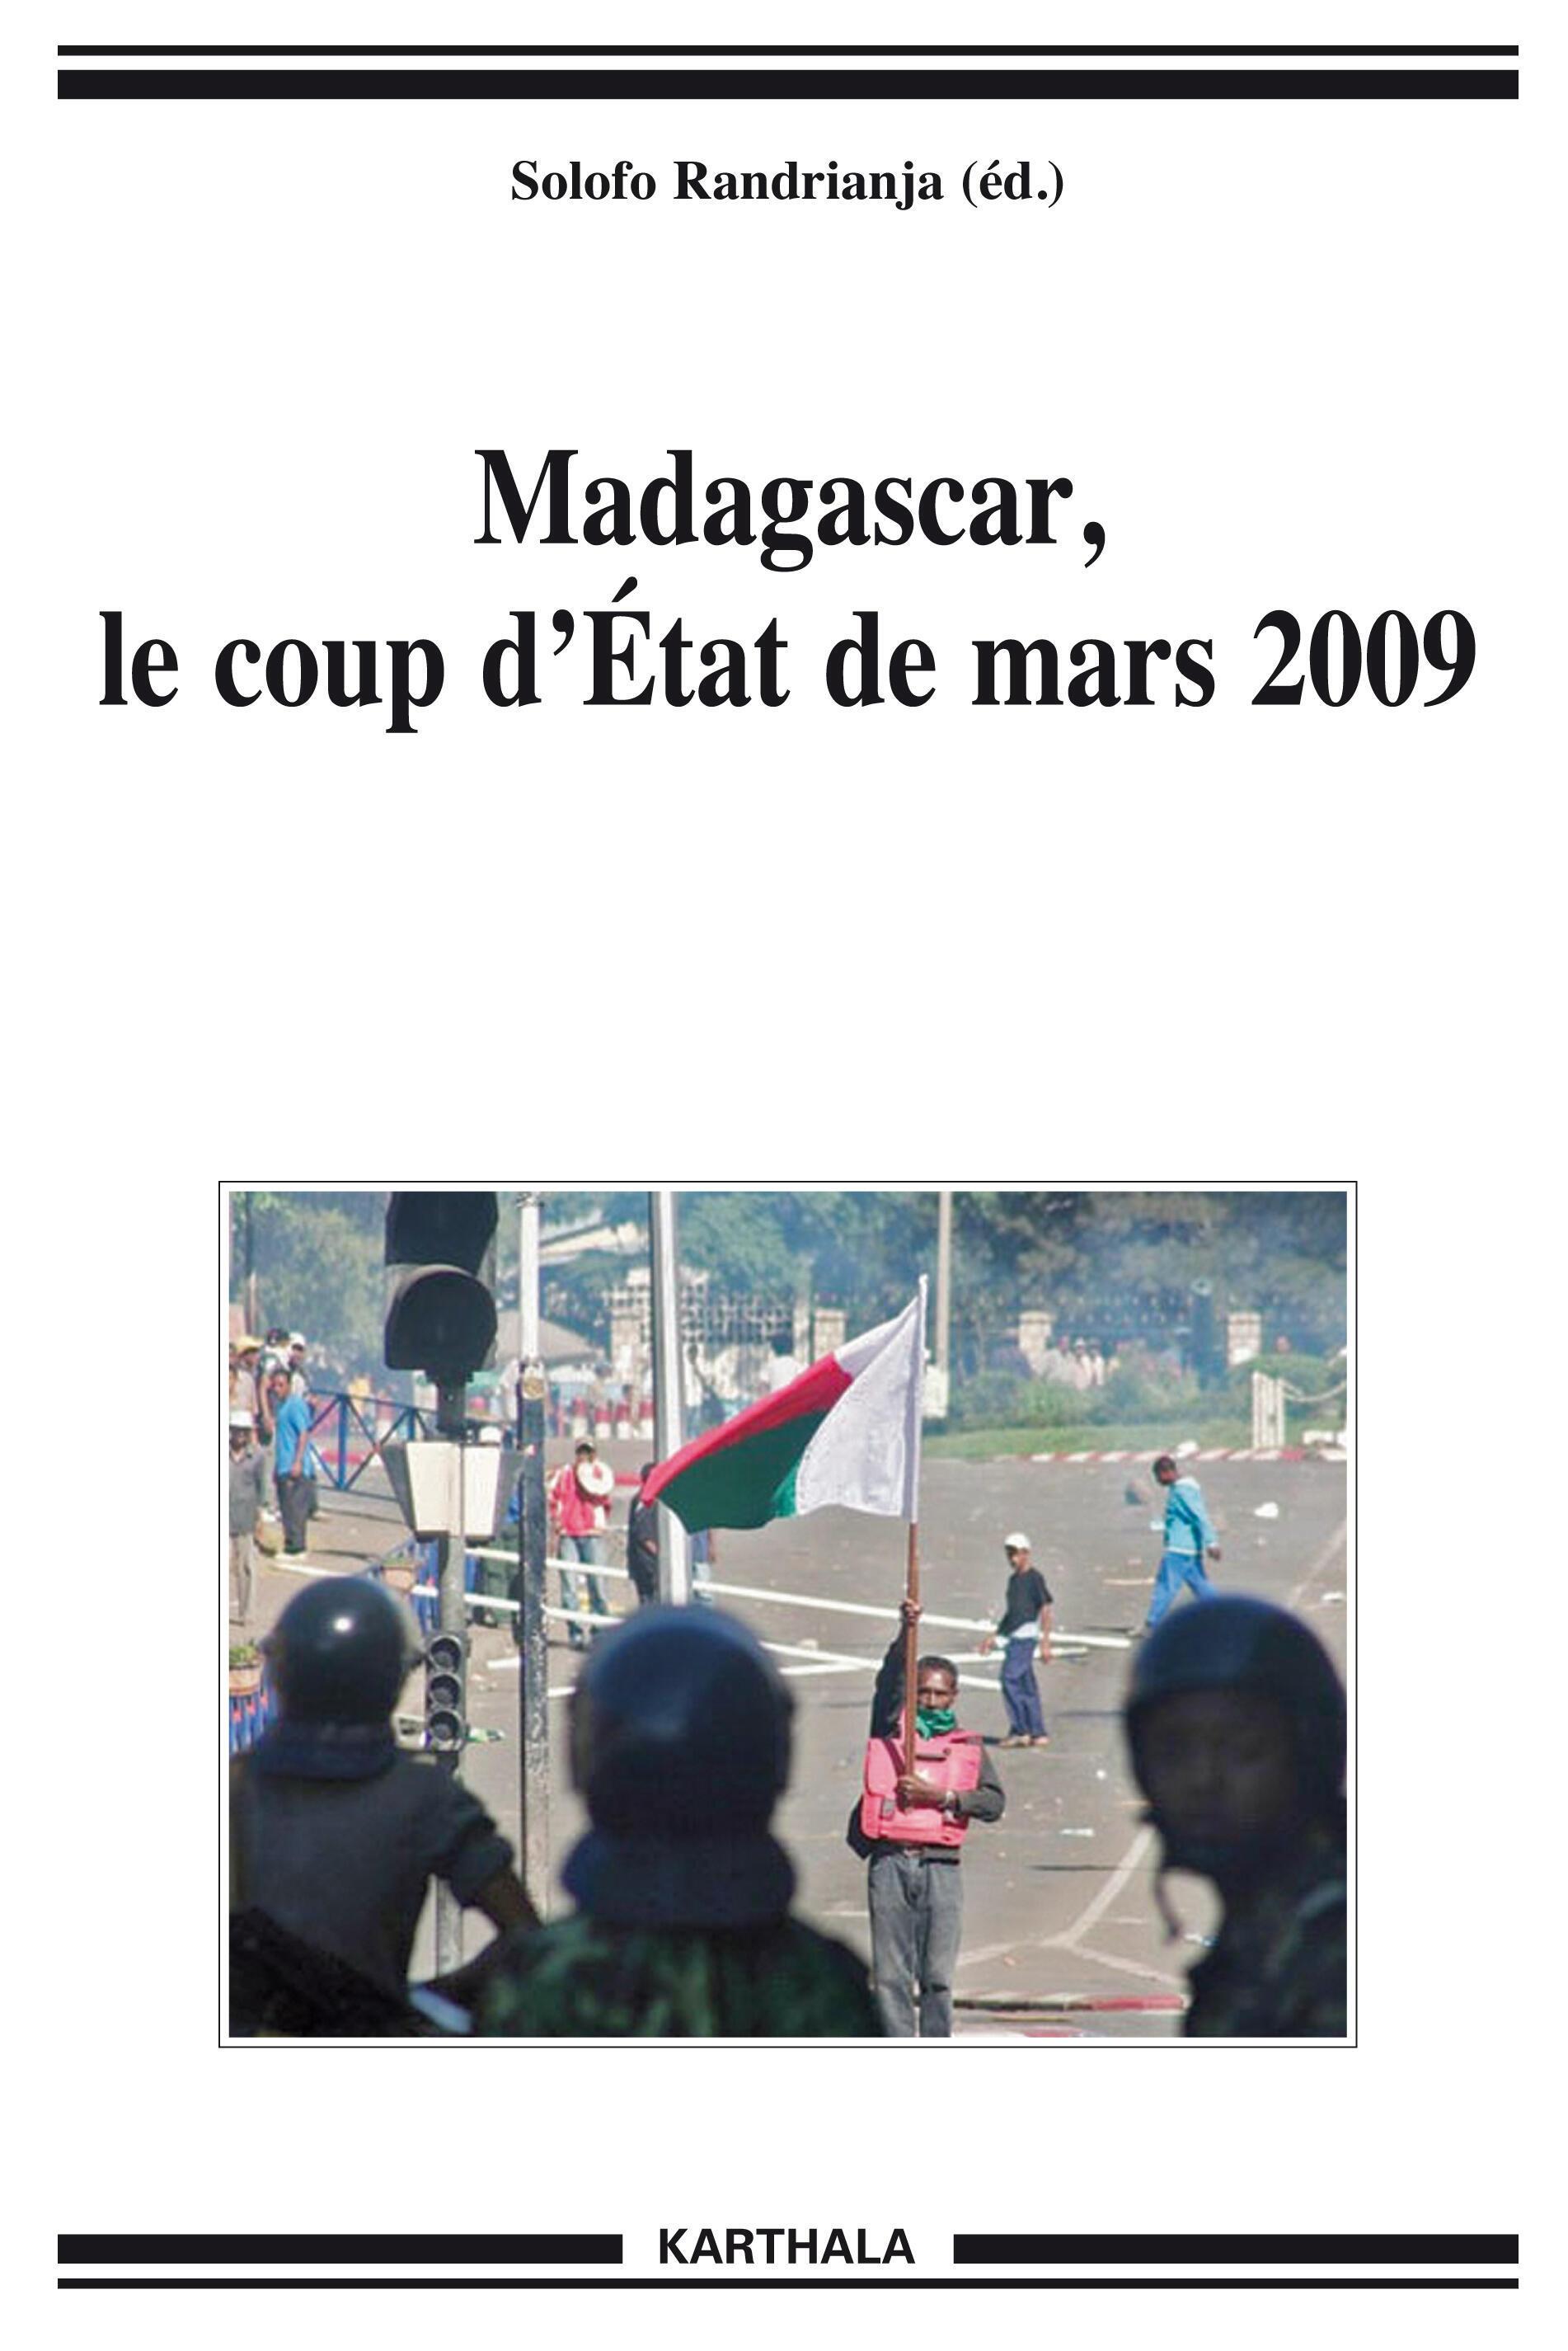 «Madagascar: le coup d'Etat de mars 2009» de Solofo Randrianja est un décryptage sans concession des turbulences politiques que traverse la Grande Ile depuis quatre ans.